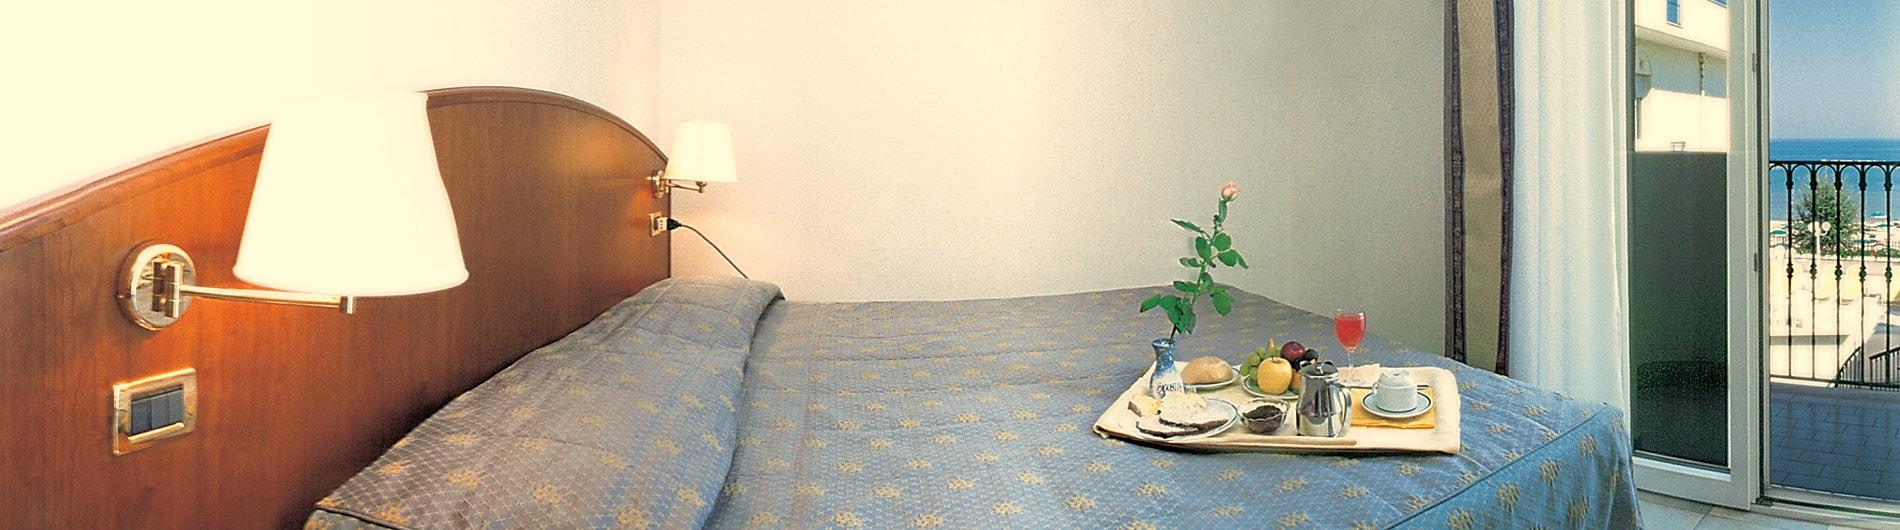 Zimmer mit Wi-Fi und Klimaanlage   Hotel Agostini